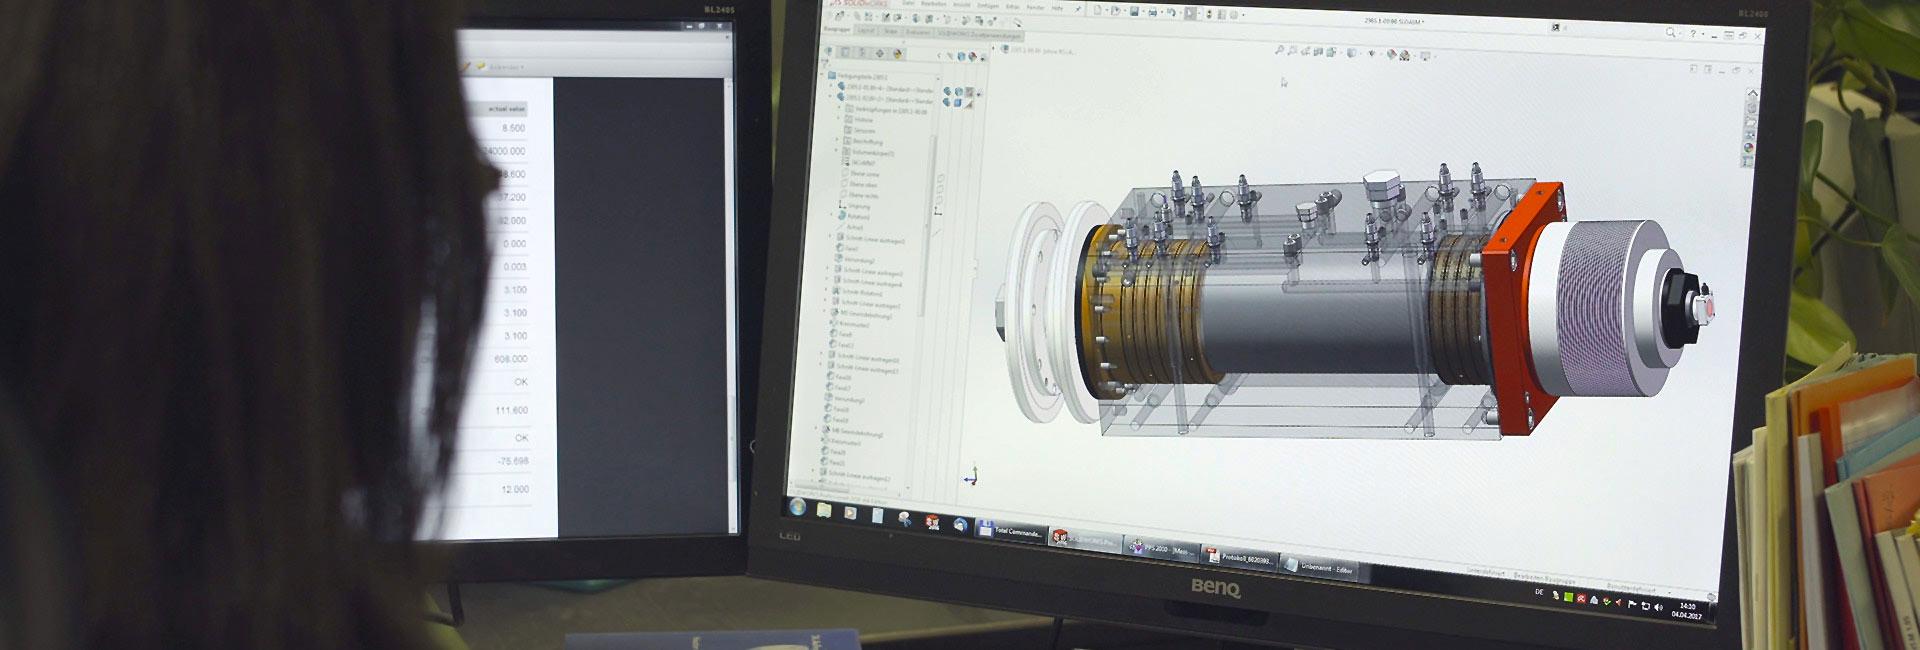 Konstruktion/ Visualisierung | SPL Spindel und Präszisionslager GmbH